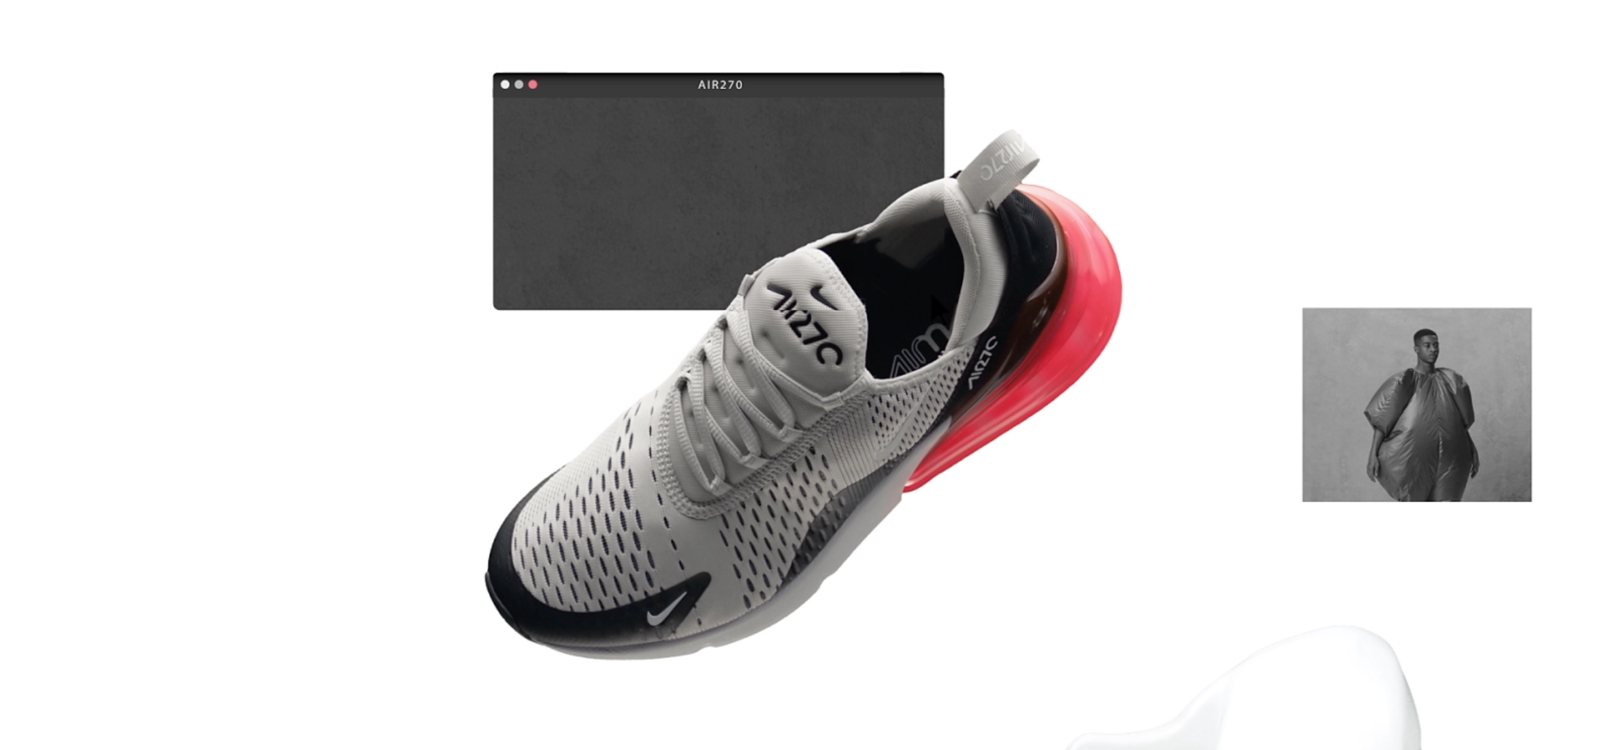 Ben Sherman Payton Chukka Herren Grau Casual Fashion Sneakers Schuhe